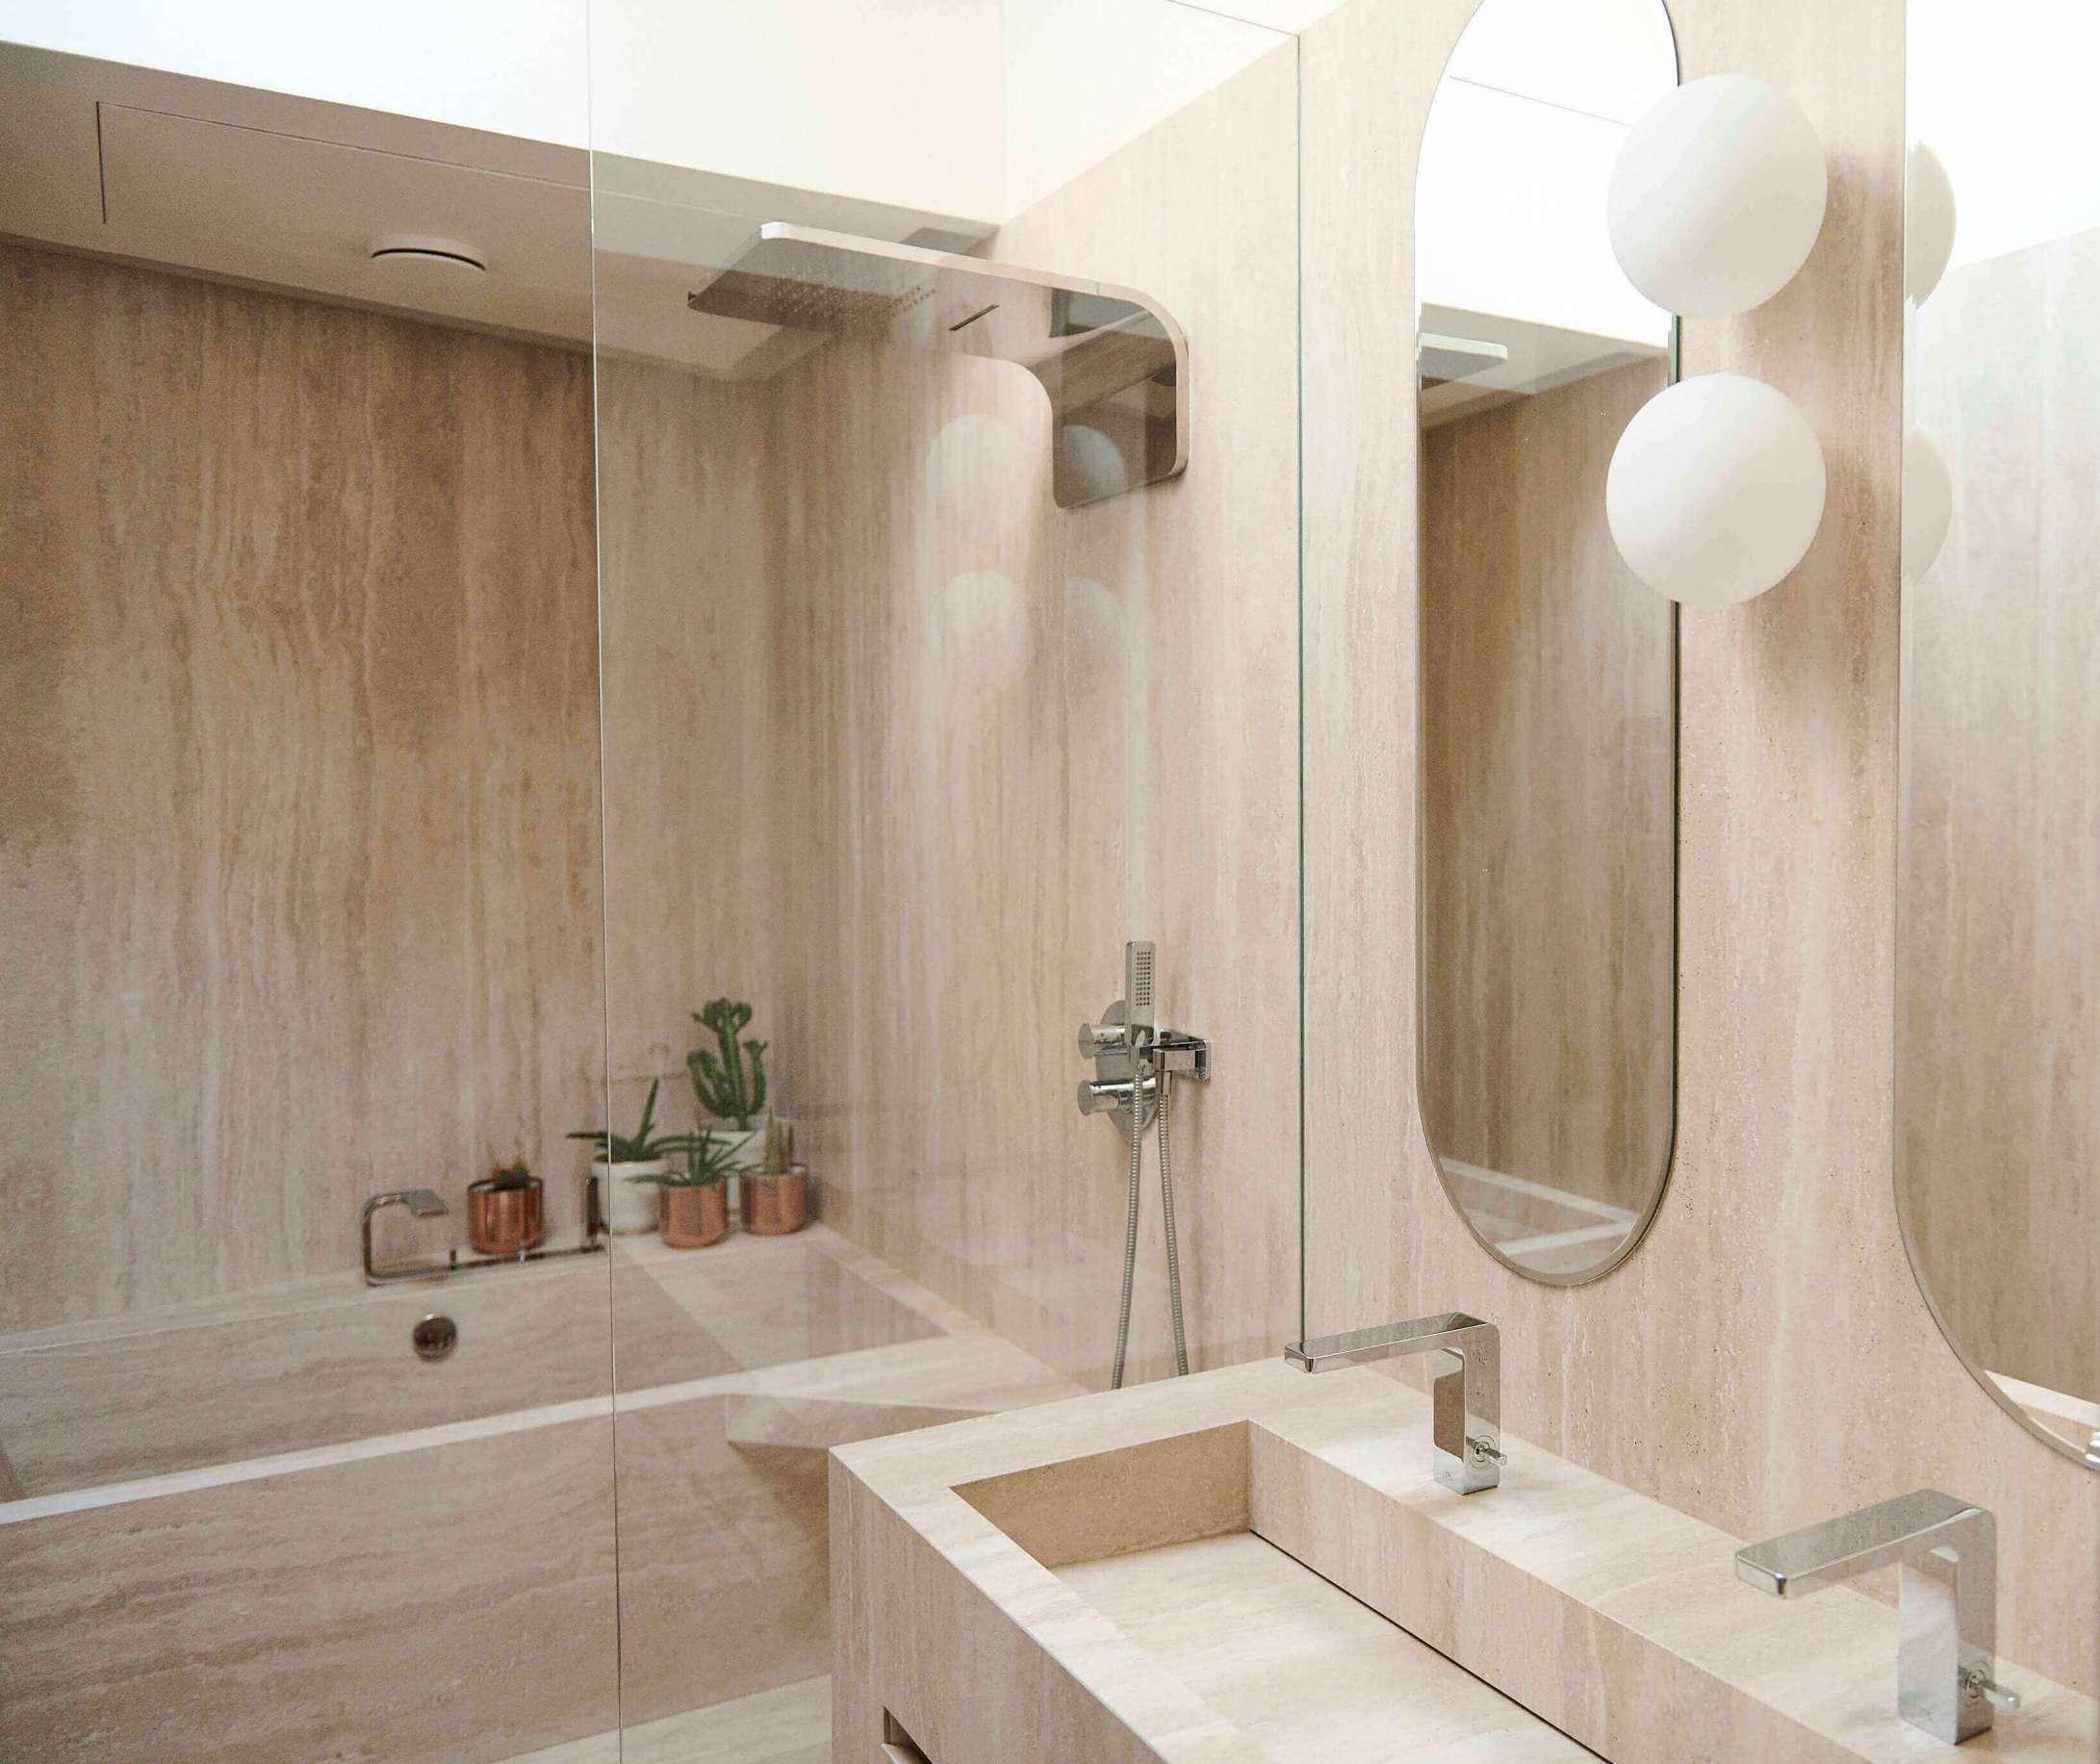 Salle de bain entièrement en pierre sur mesure